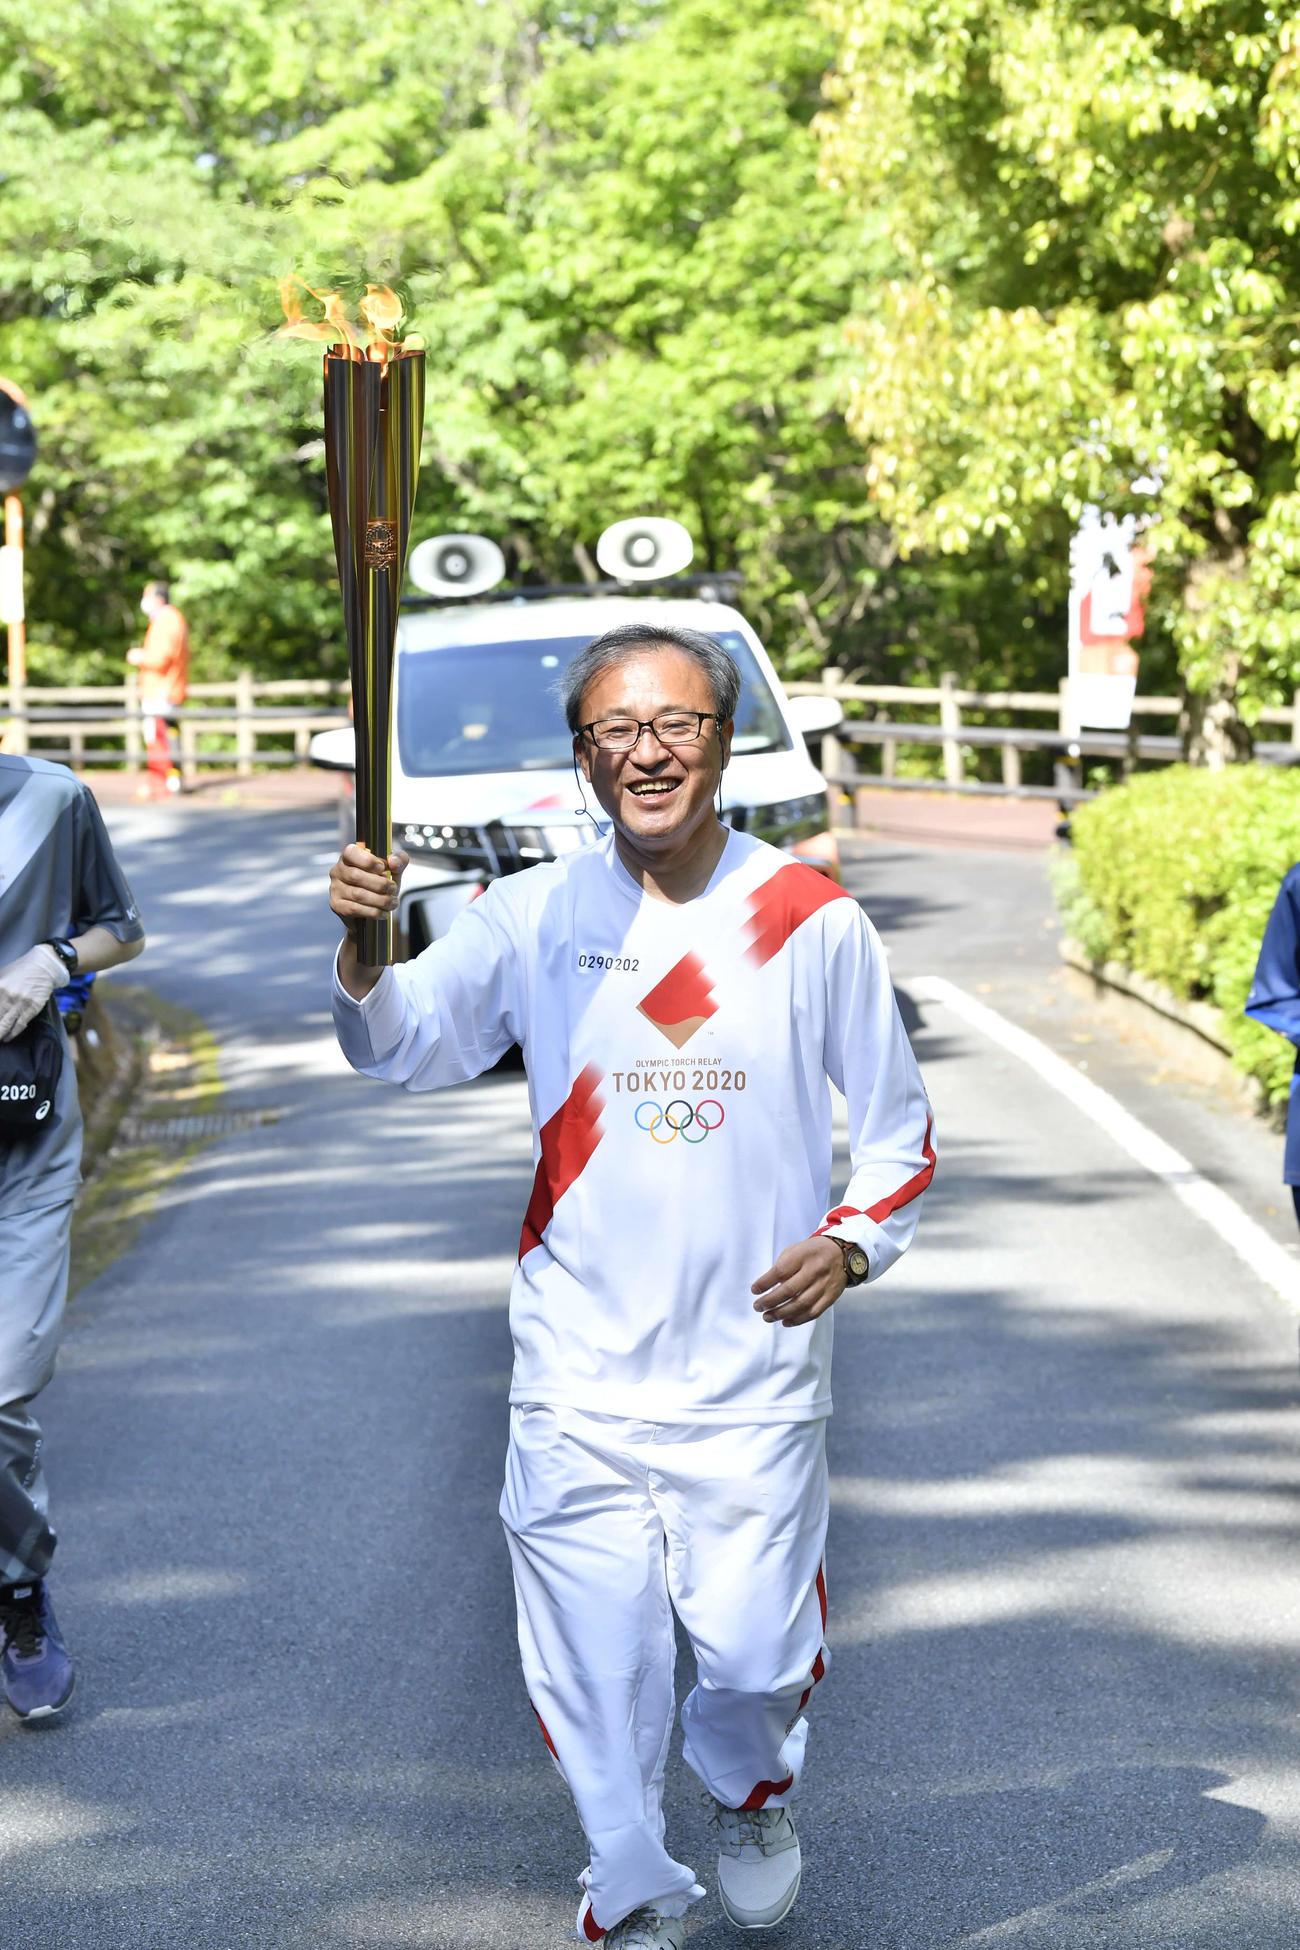 聖火リレー 愛媛県2日目第2区間 聖火ランナーを務めた入江則裕さん(代表撮影)